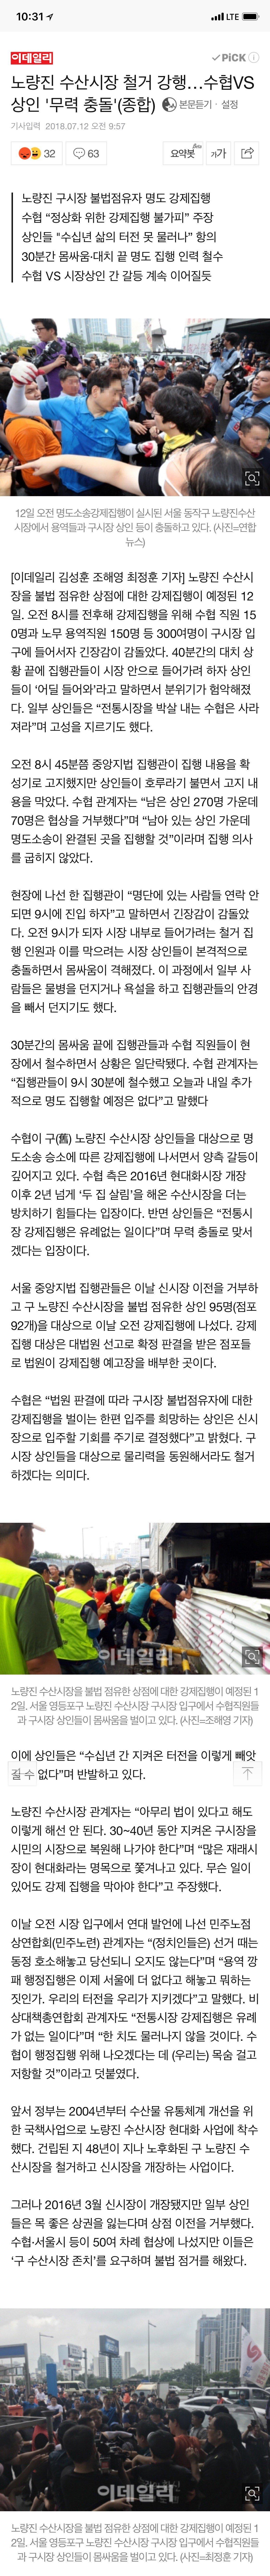 노량진 수산시장 철거 강행수협VS상인 \'무력 충돌\'